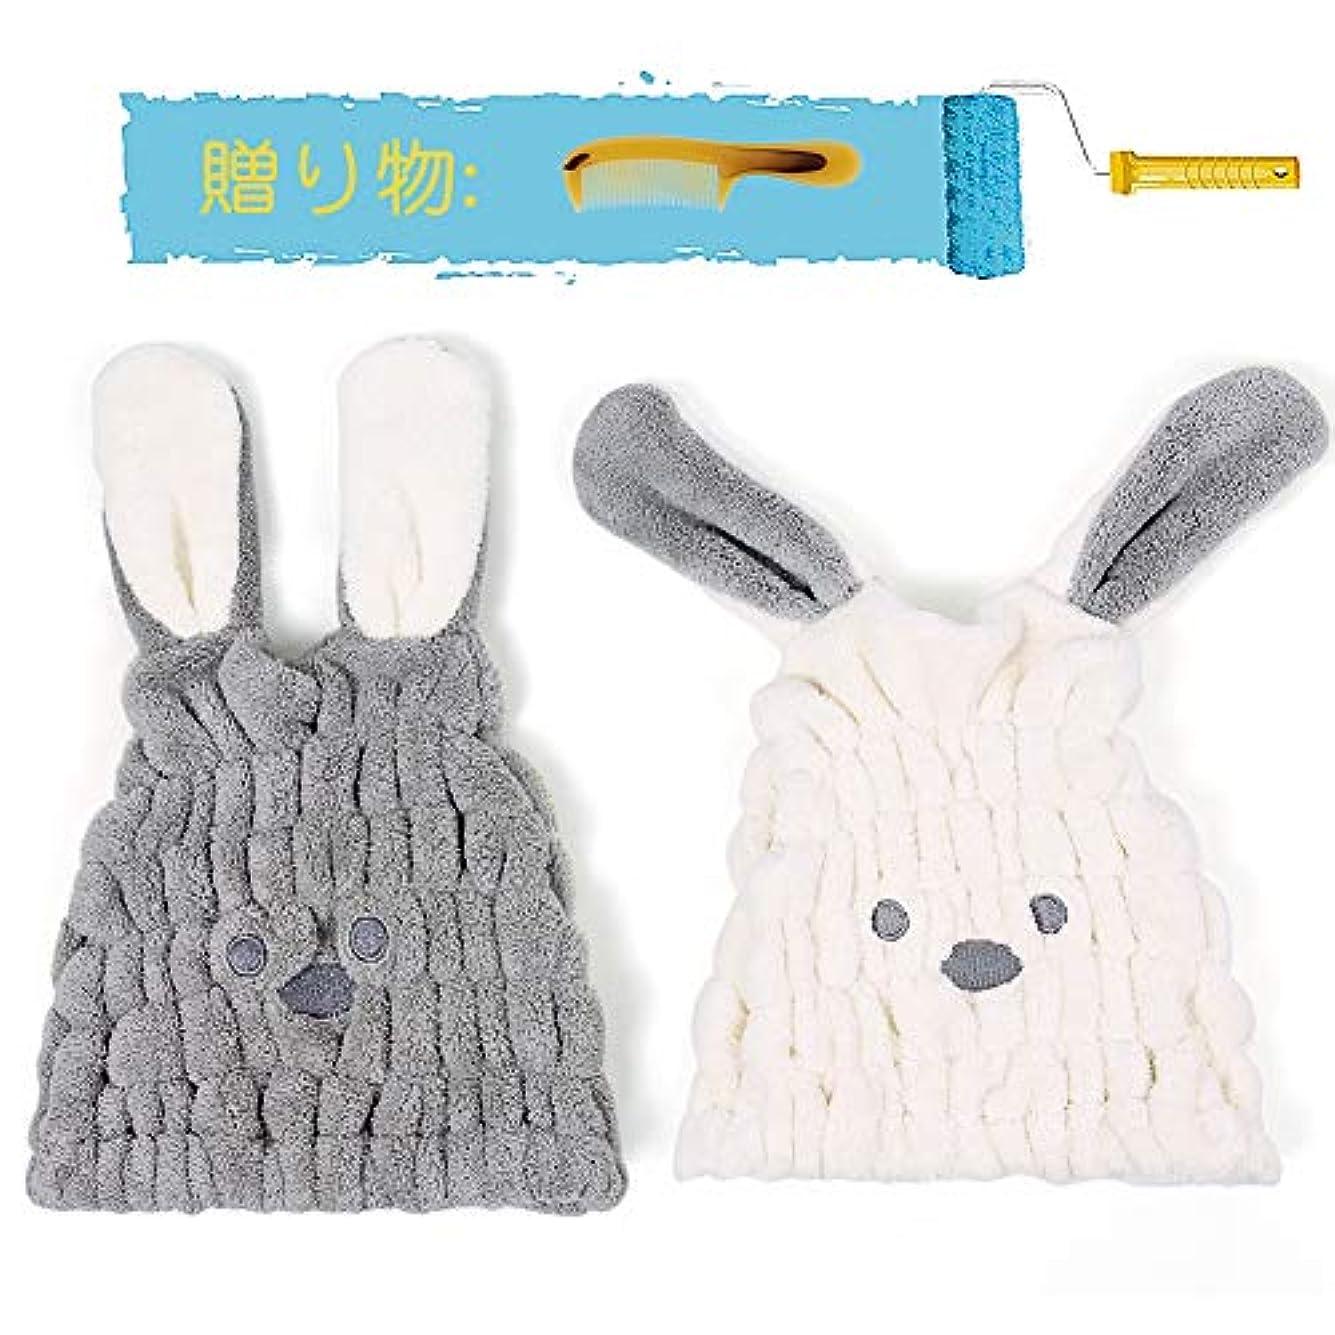 スロープ預言者製造Wisptime シャワーキャップ ヘアドライタオル タオルキャップ 髪 吸水 速乾 ヘアキャップ タオル 大人 子供 お風呂上がり 風邪を防ぐ バス用品 ウサギ 2枚セット